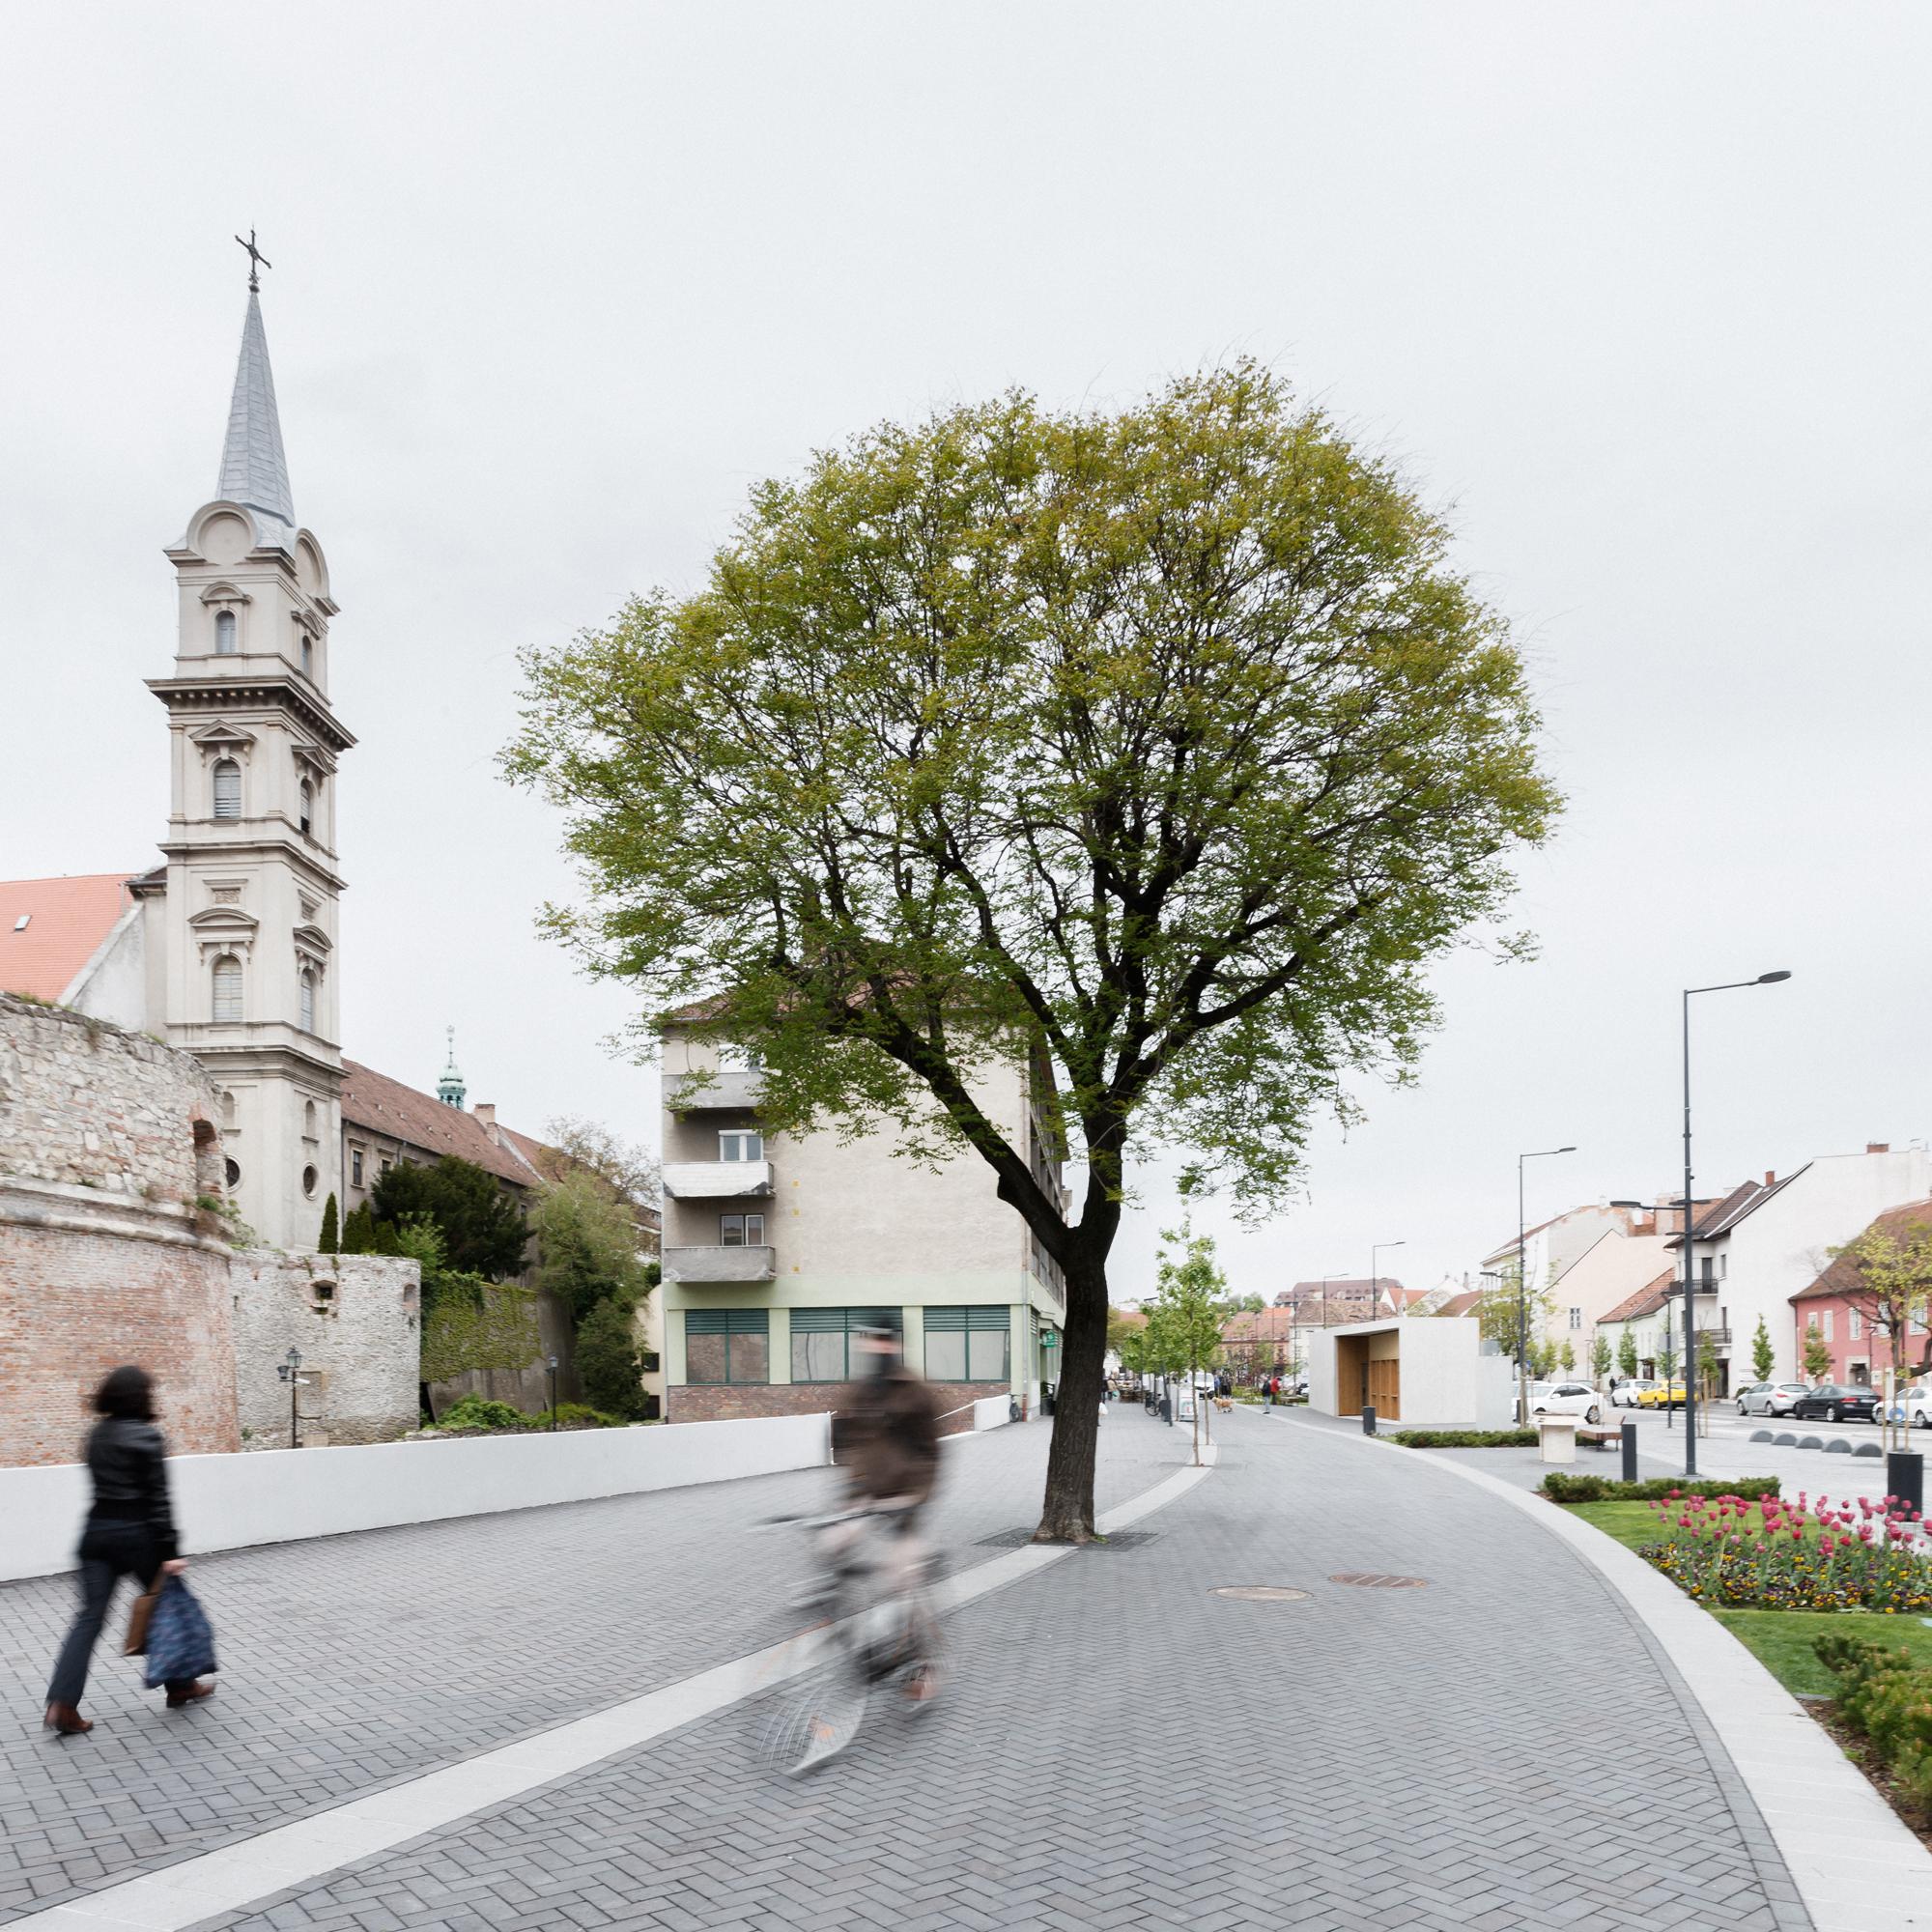 sopron castle district revitalization / hetedik műterem | archdaily